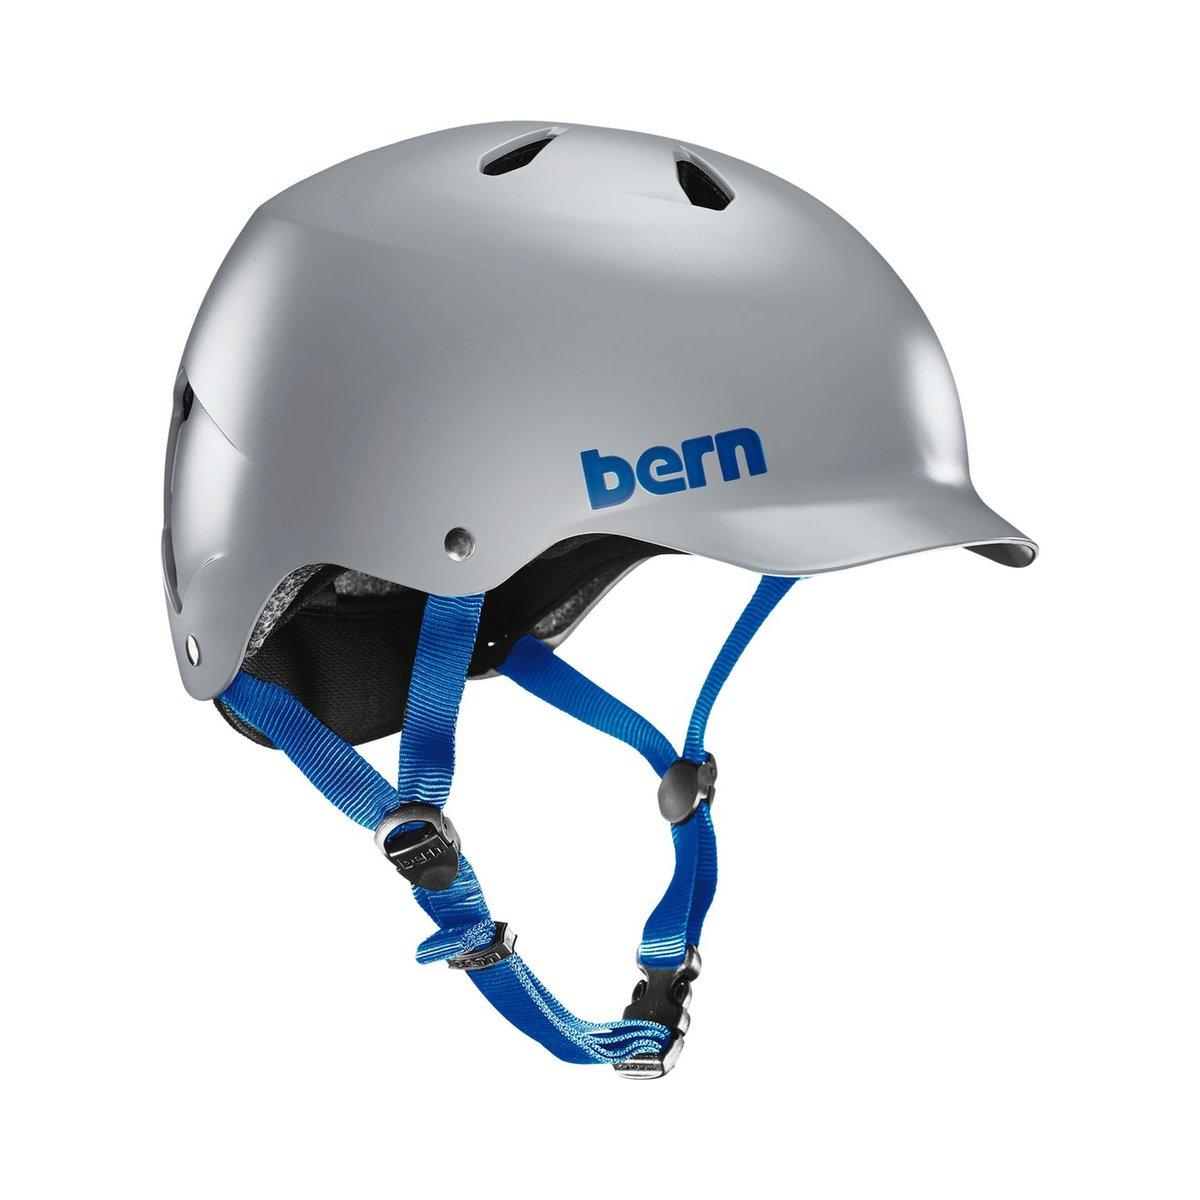 Image of BERN WATTS EPS HELMET